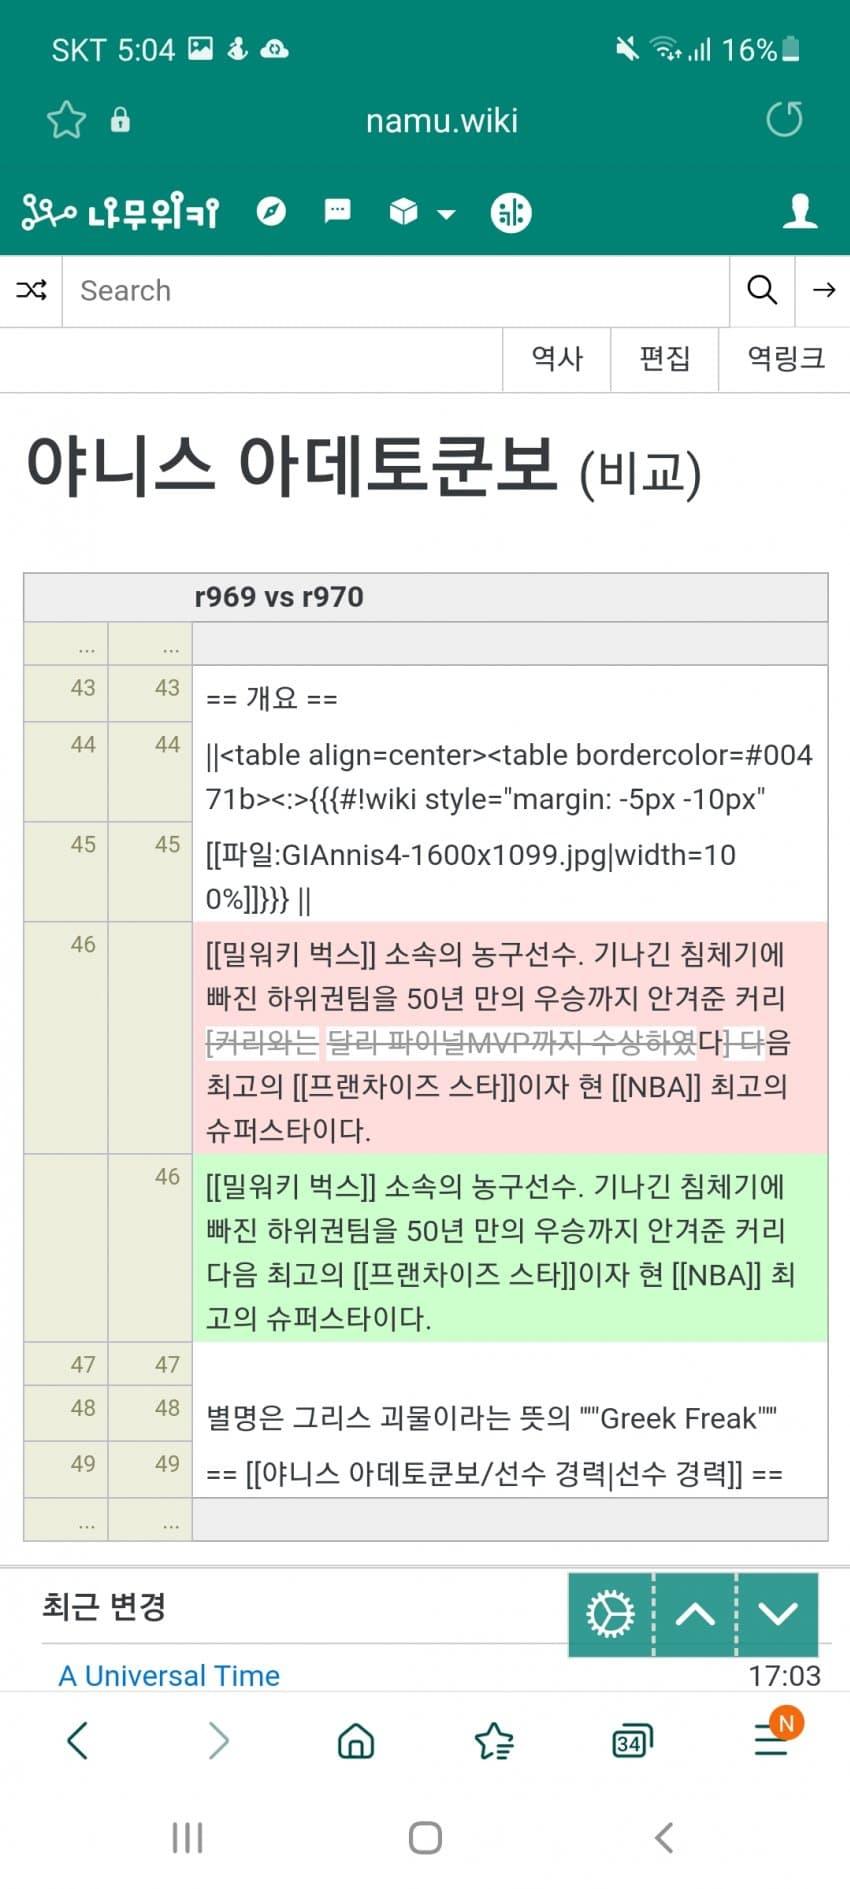 viewimage.php?id=23bfd1&no=24b0d769e1d32ca73deb86fa11d02831d16706cea37200d6da918d798477dc7e9340e898363e3304e2f61e102005aa0ea9d544e772c3ab3aca8c761190b186d49f9ec7f1300d3d89523e25f8875c81cb30f165b1099bf73dac07ed822a1a87ba9e4f13167e67b16a57